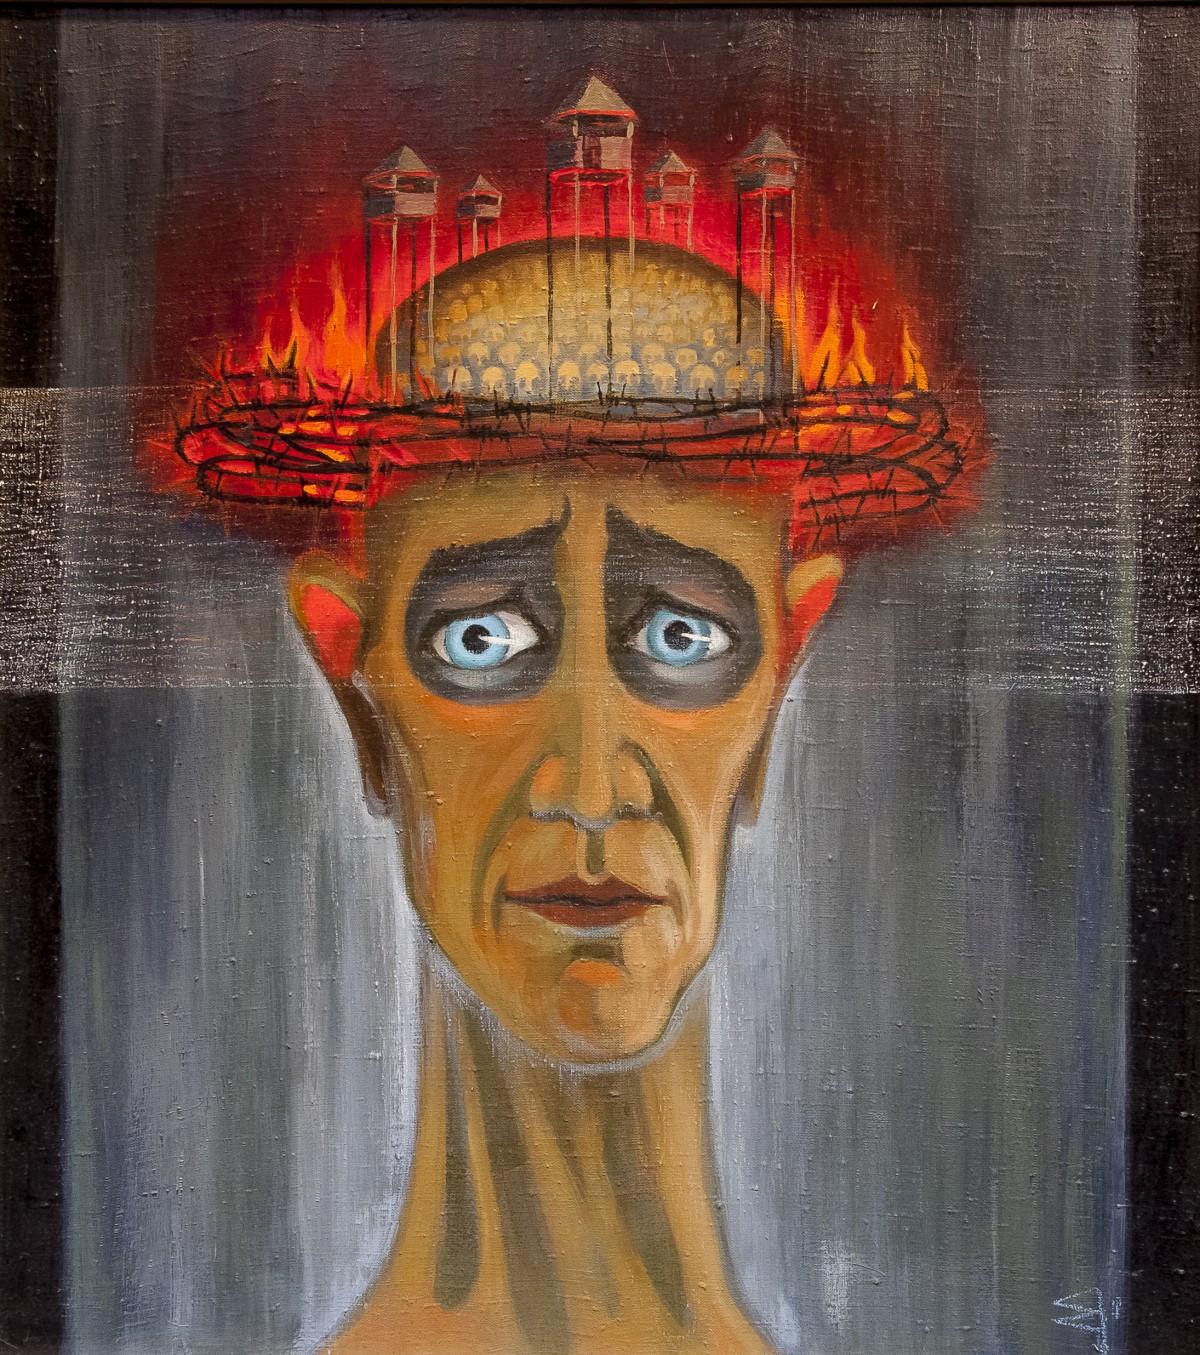 ultury litewskiej artysta, wielokrotnie nagradzany. Więzień stalinowski m.in.wIrkucku do1956 r. [Obraz: twarz zasmuconego człowieka ozapadniętych, dużych, niebieskich oczach zpłonącym wczerwieni mózgiem, naktóregokomórkach wyrastają strażnicze wieże obozu koncentracyjnego